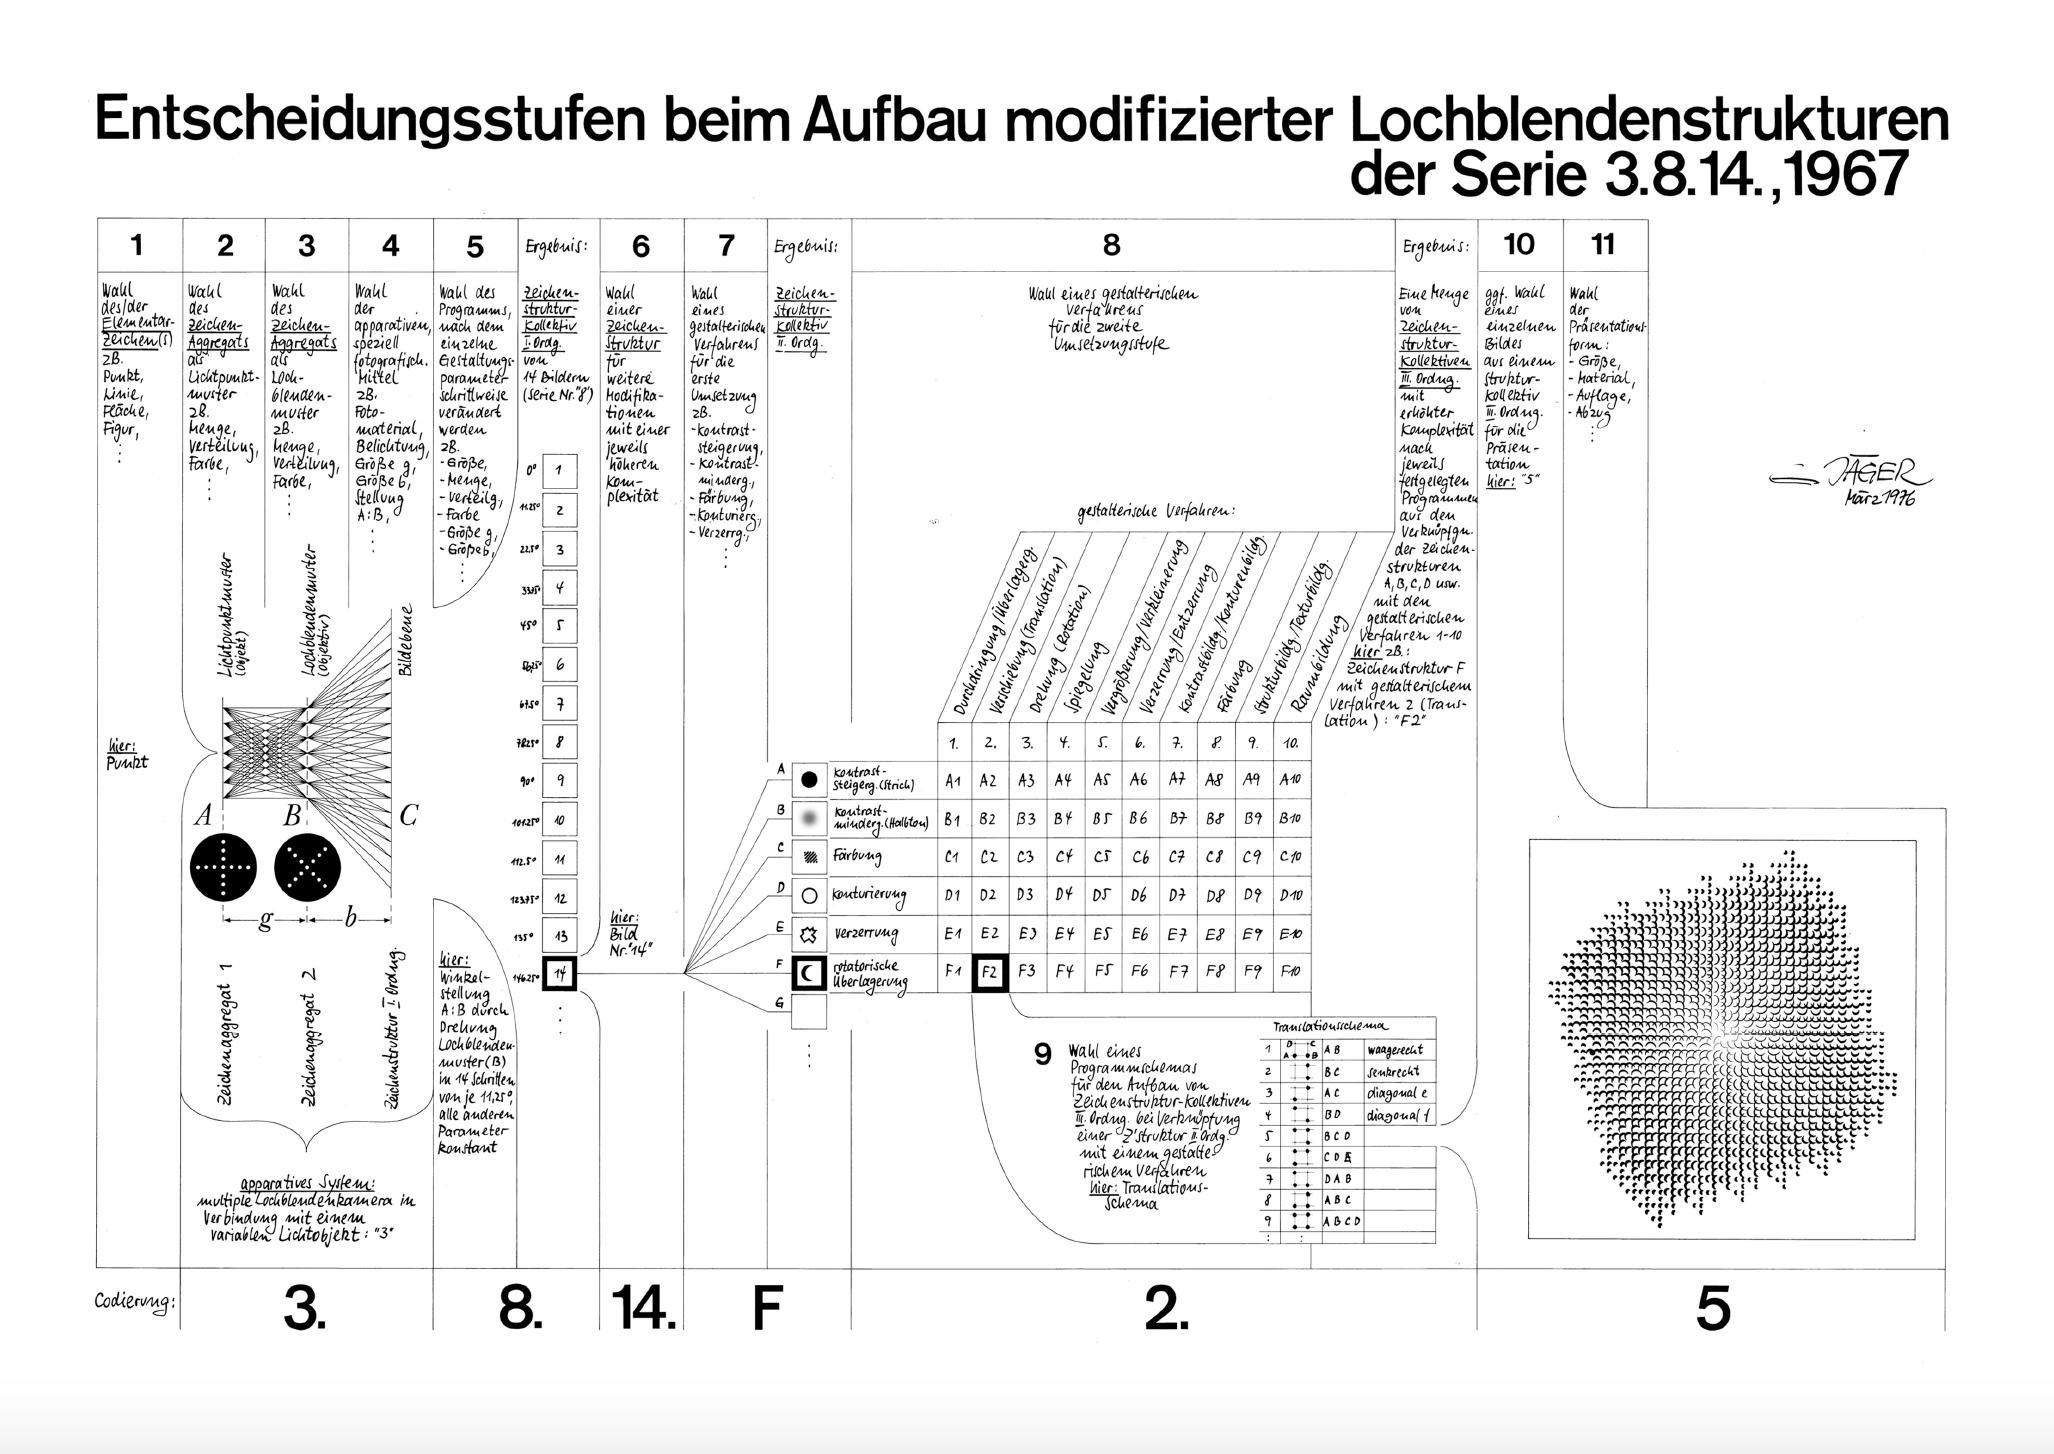 Gottfried Jäger:  Entwicklungsstufen beim Aufbau modifizierter Lochblendenstrukturen der Serie 3.8.14. , 1967, diagram, drawing on paper, 70 x 100 cm, 1976